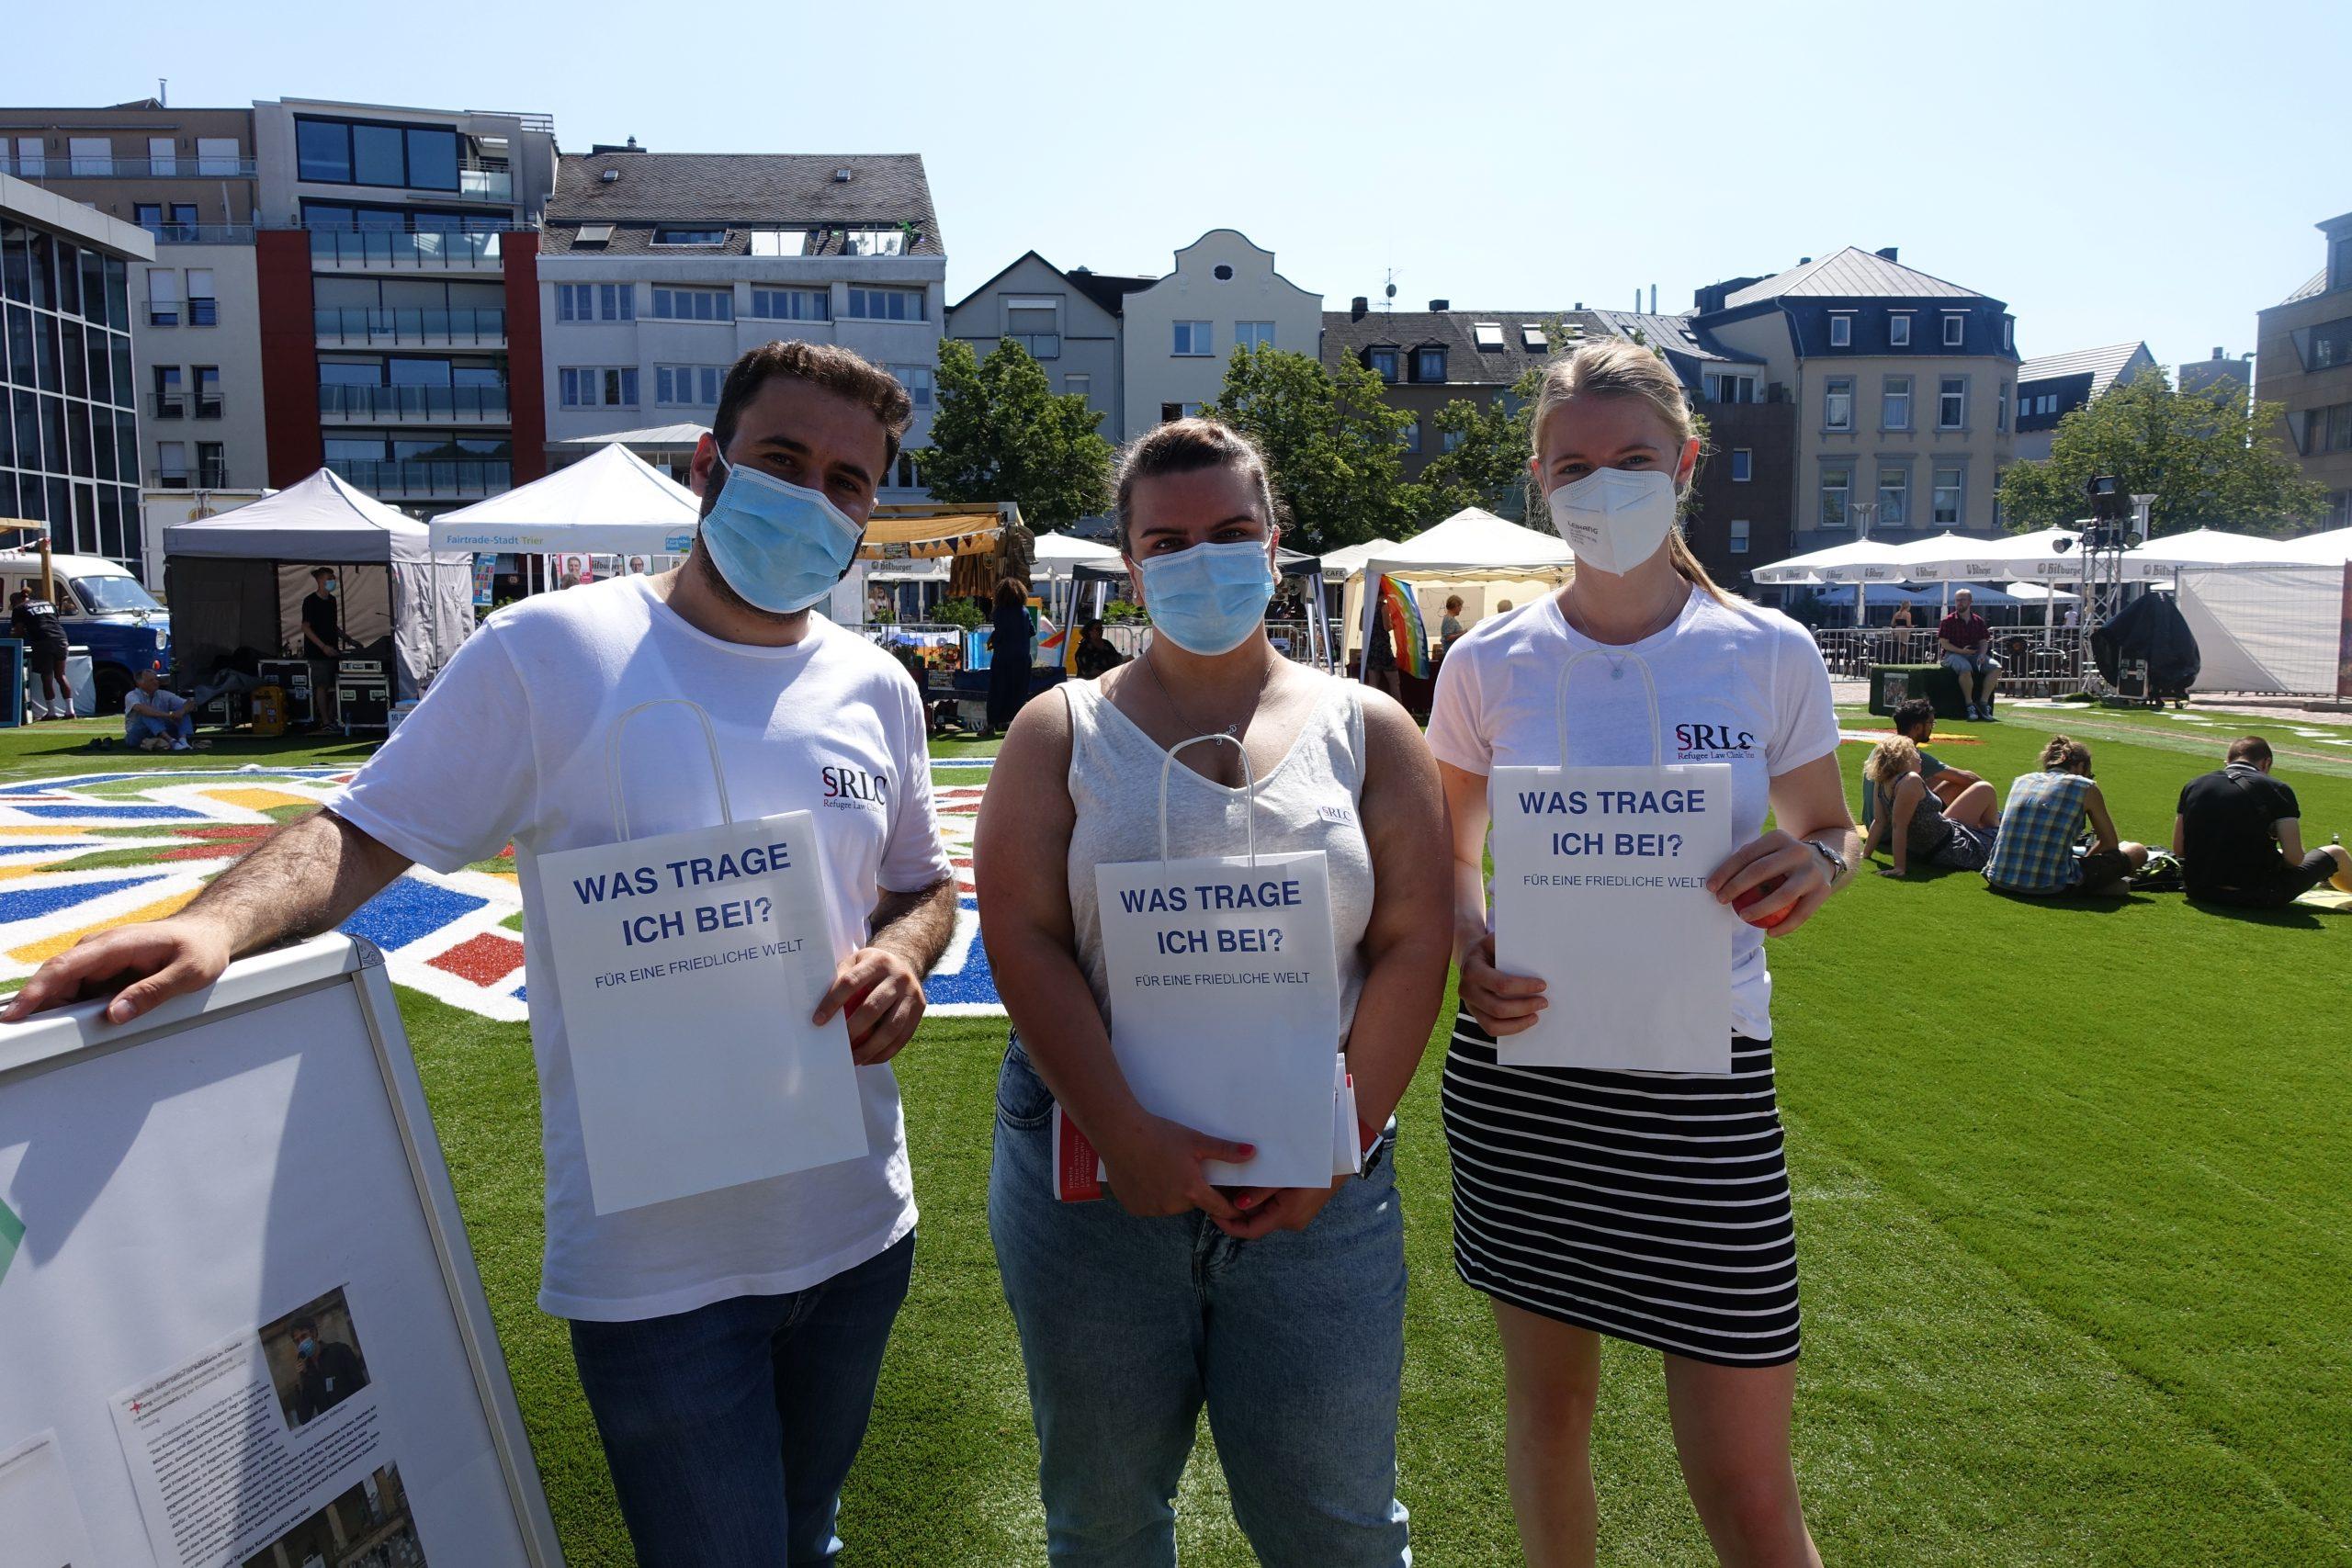 Drei Menschen mit Mundschutz halten eine Papiertüte des Friedens in der Hand.